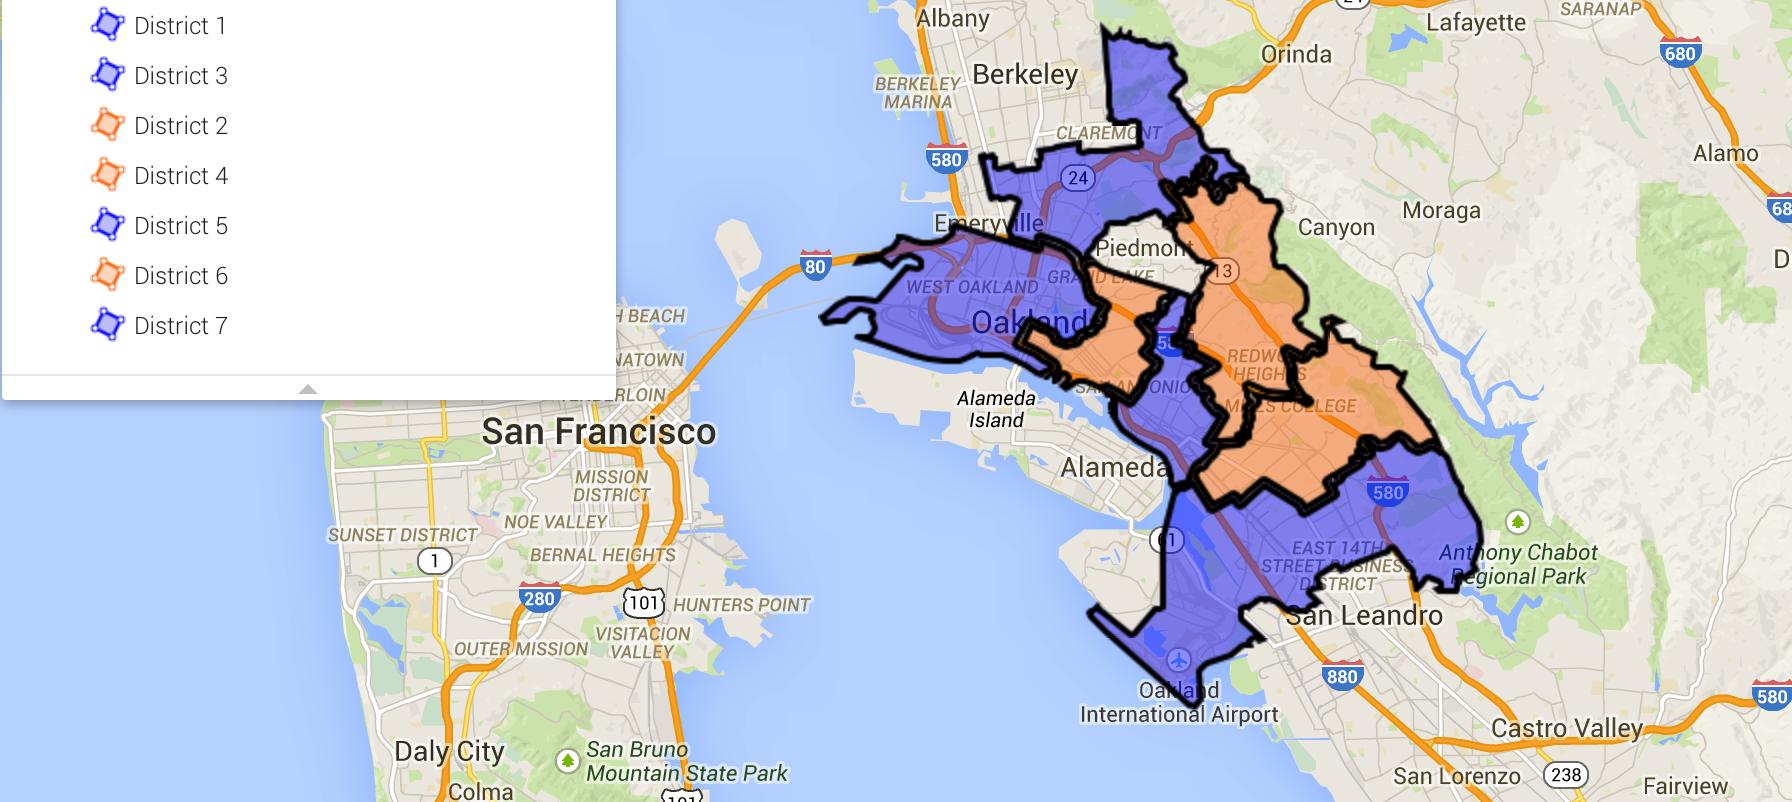 Seven Districts in Oak